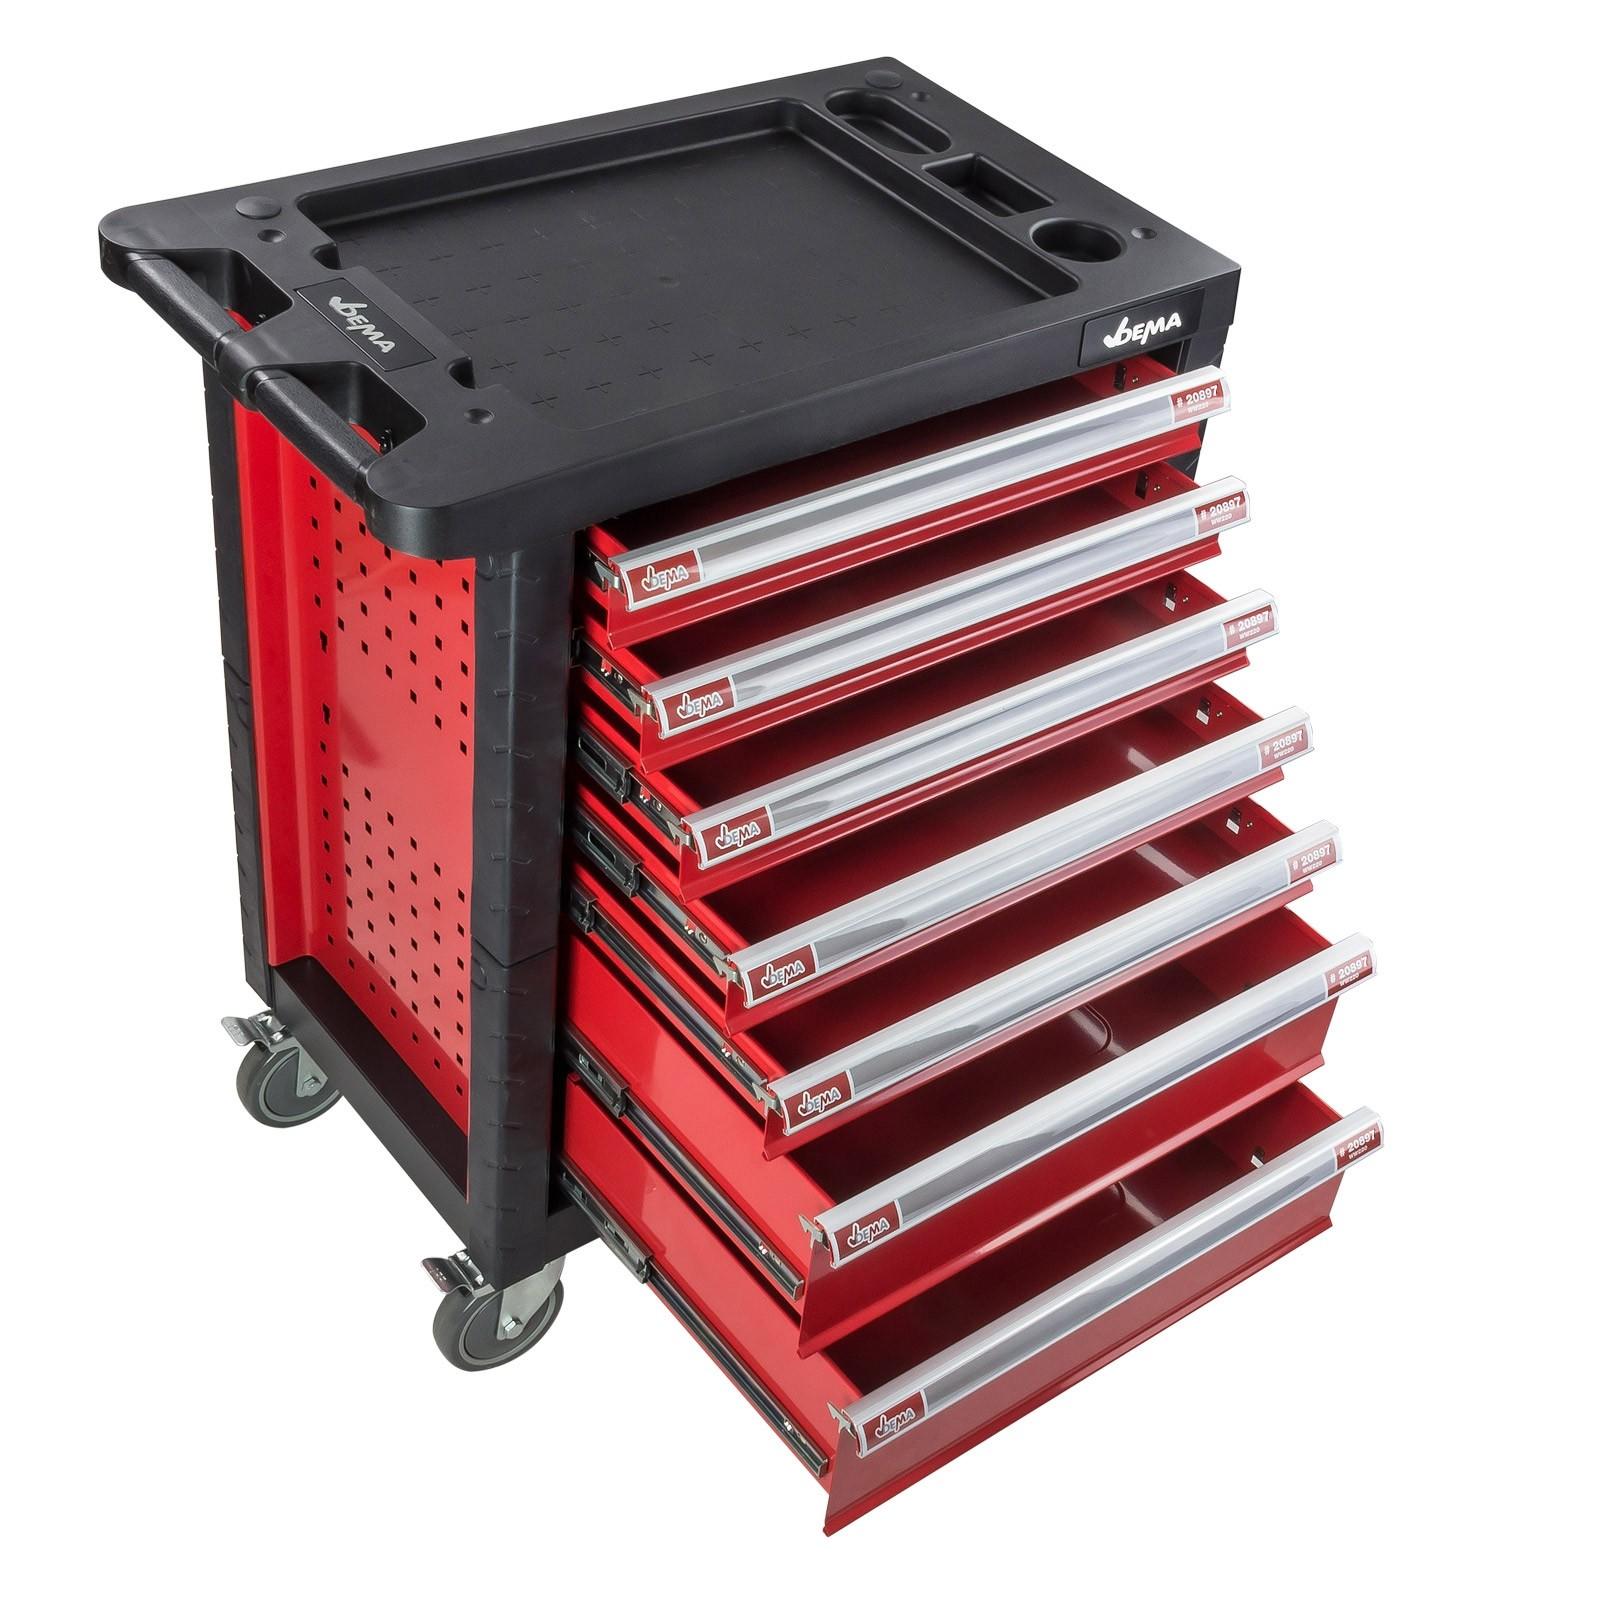 werkstattwagen werkzeugwagen carlos fahrbar mit 7 schubladen 78x46x98 cm. Black Bedroom Furniture Sets. Home Design Ideas